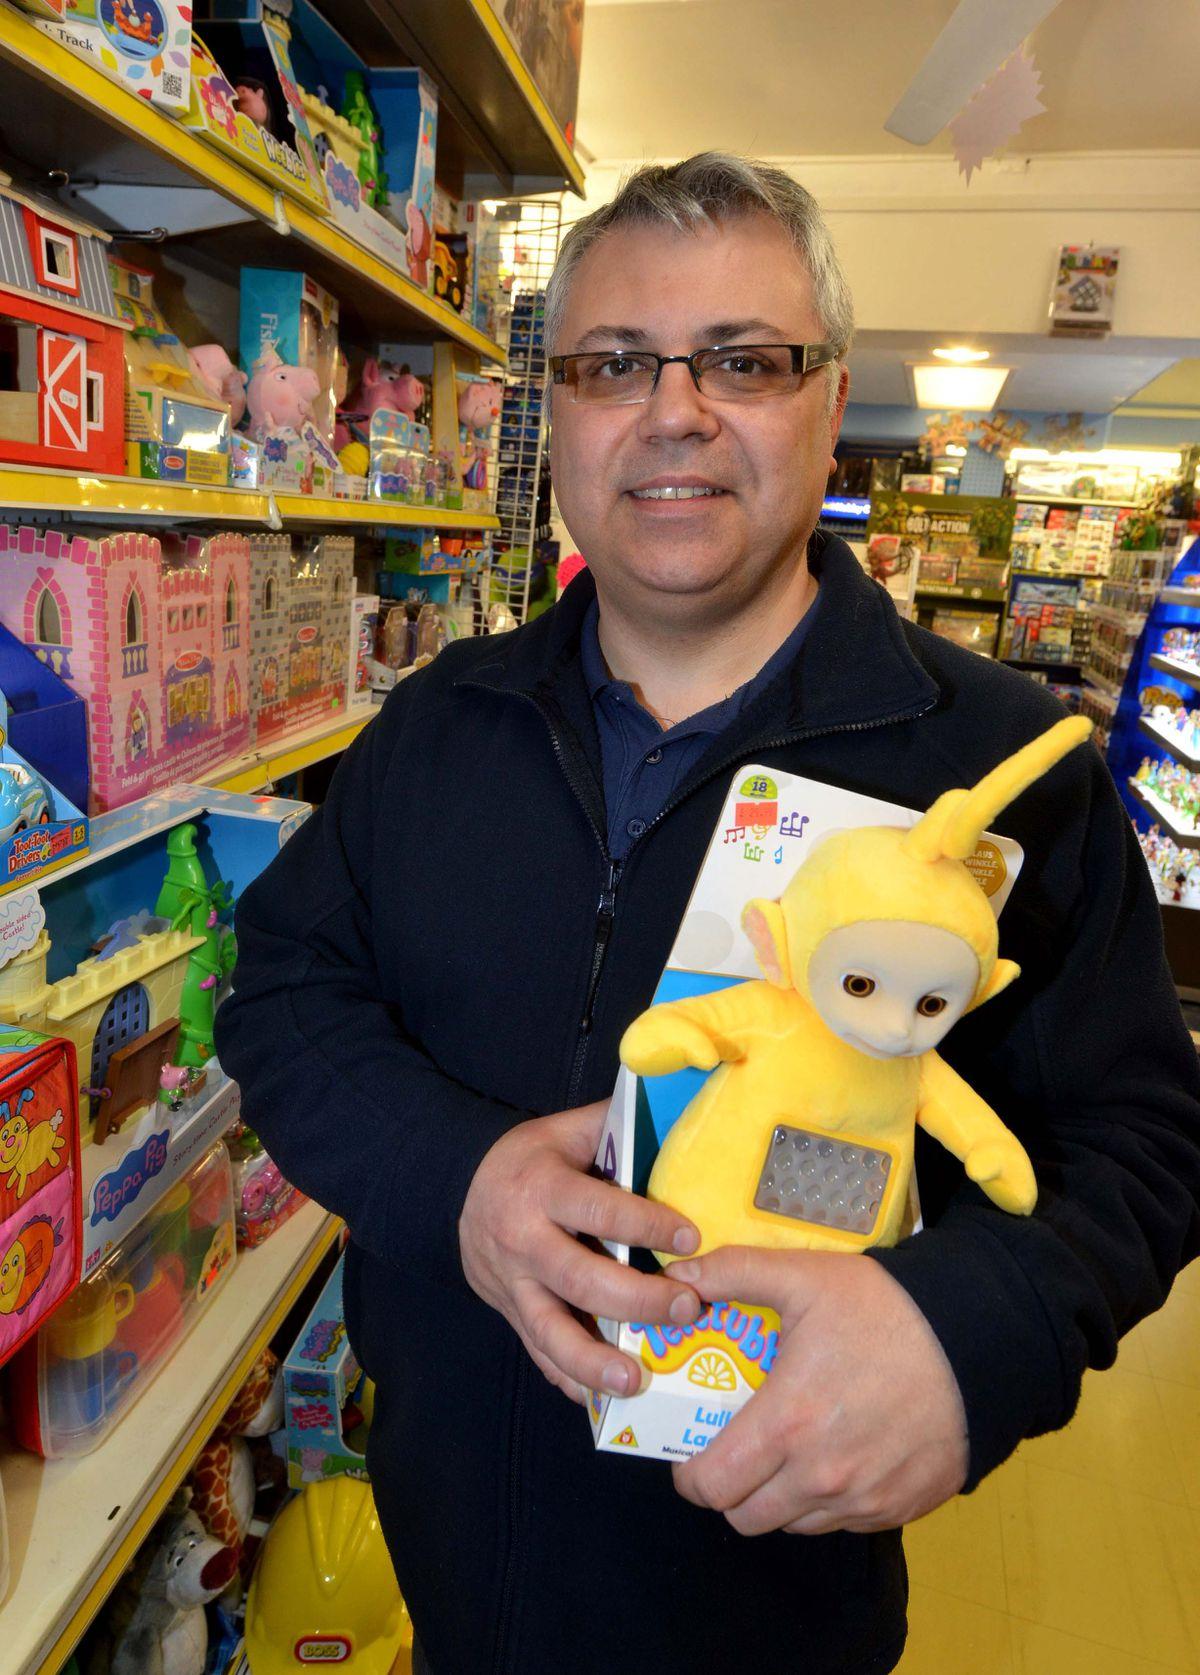 Dave Carter runs the Arcade Toy Shop